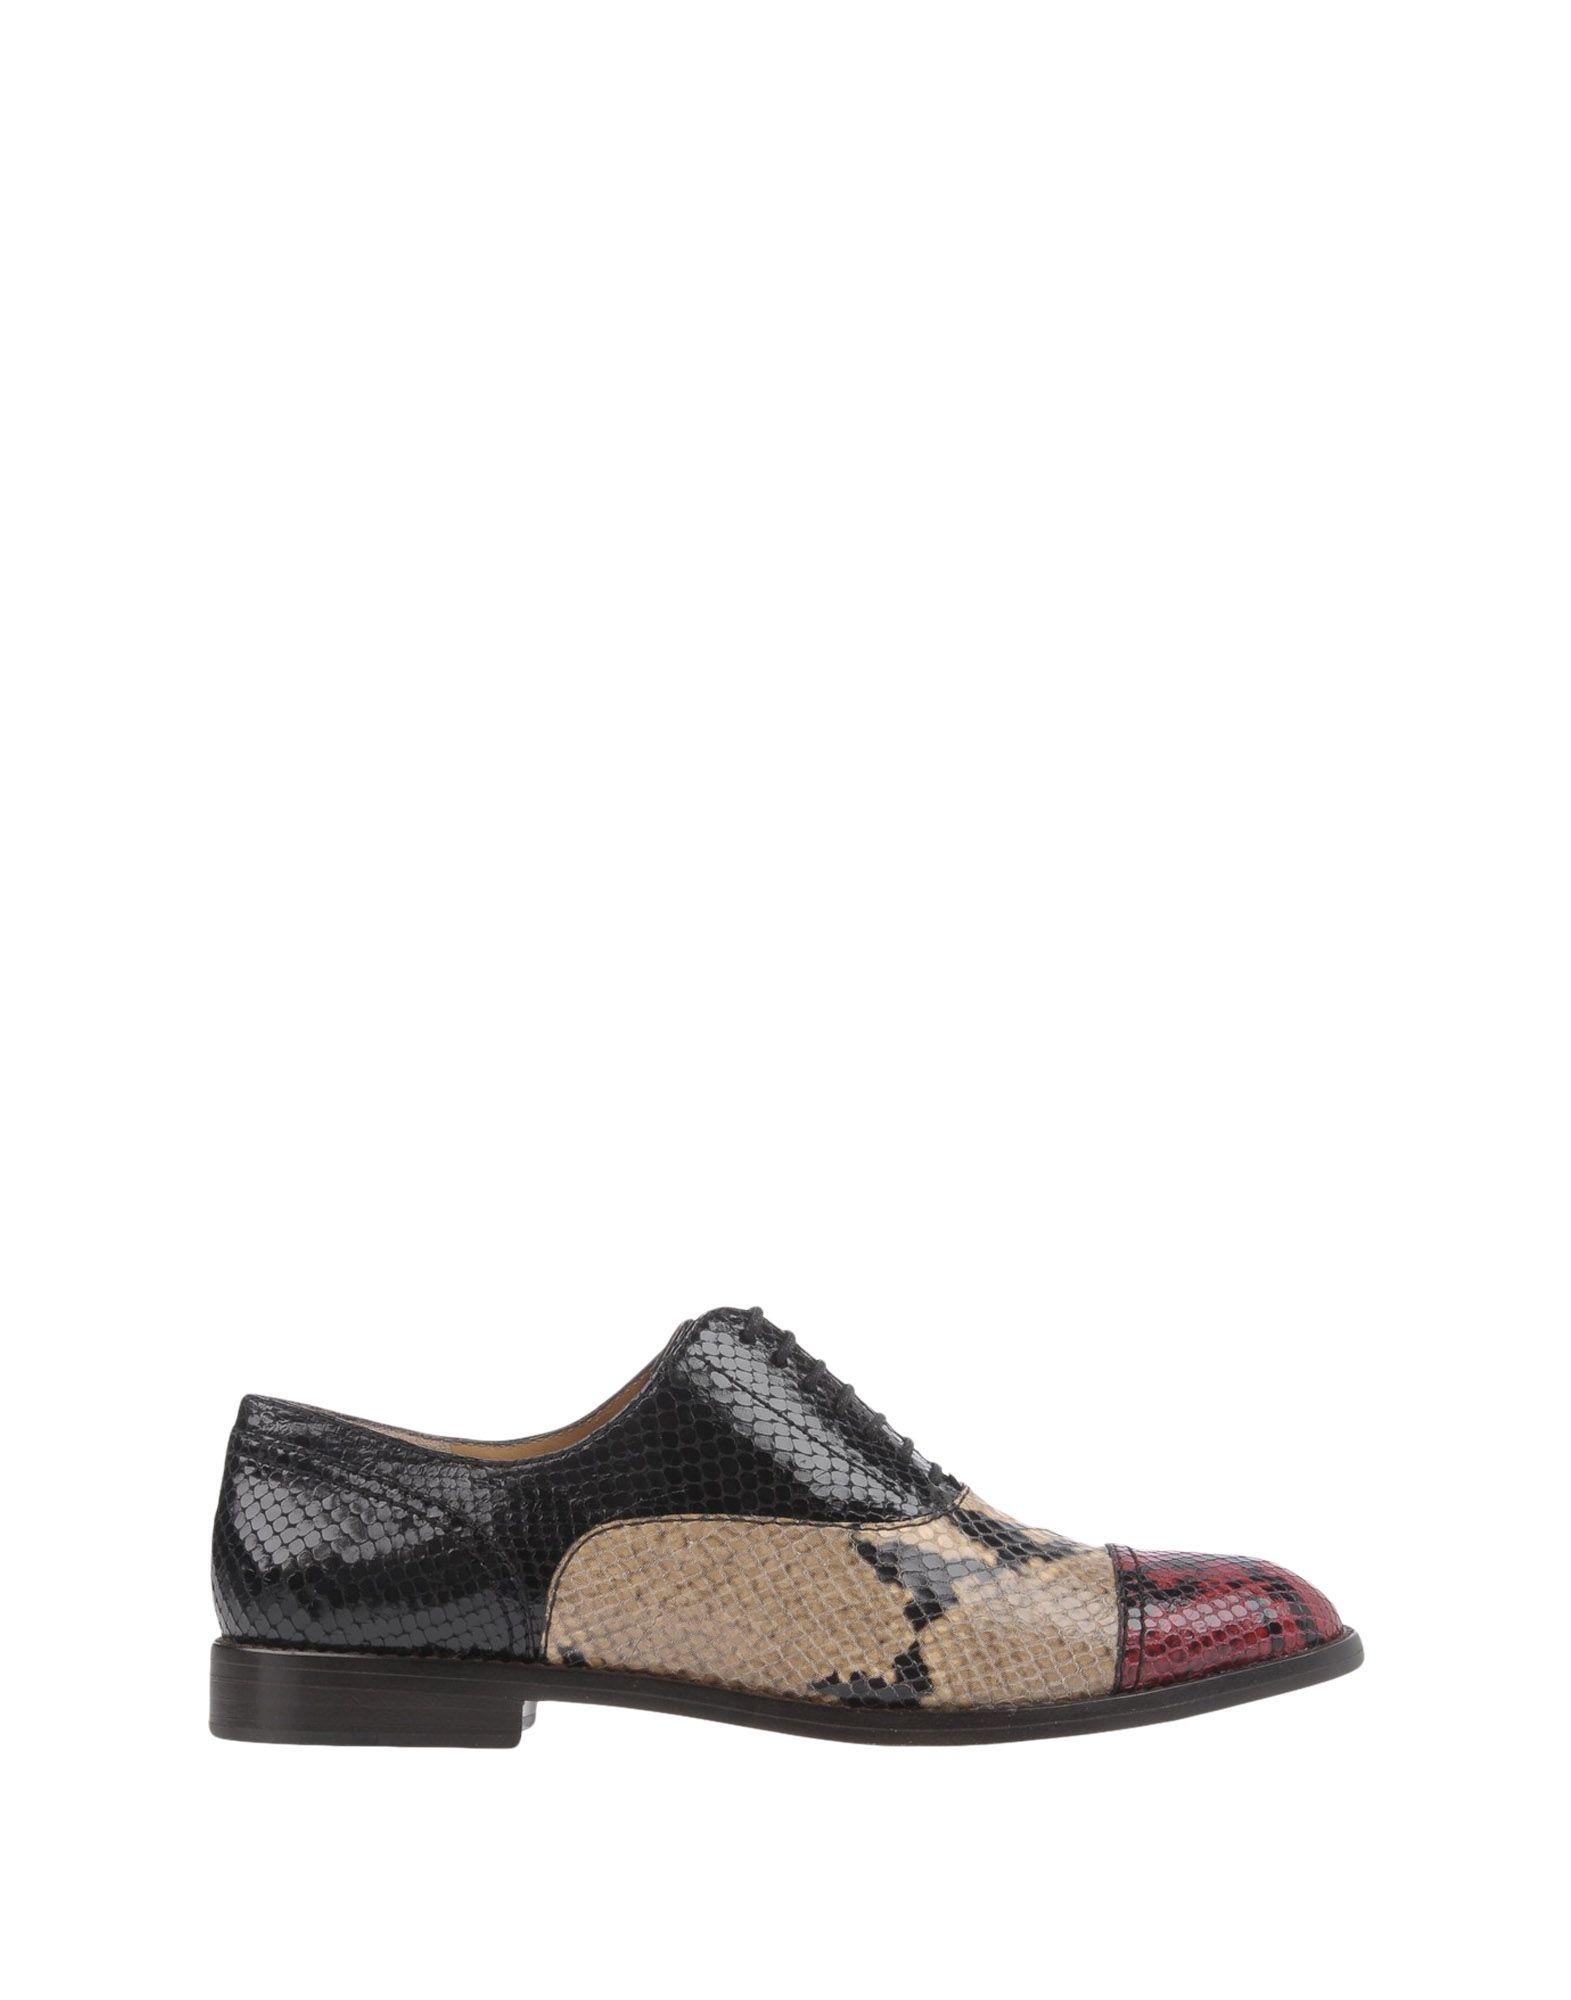 Marc  Jacobs Schnürschuhe Damen  Marc 11214929KO Beliebte Schuhe a071e8